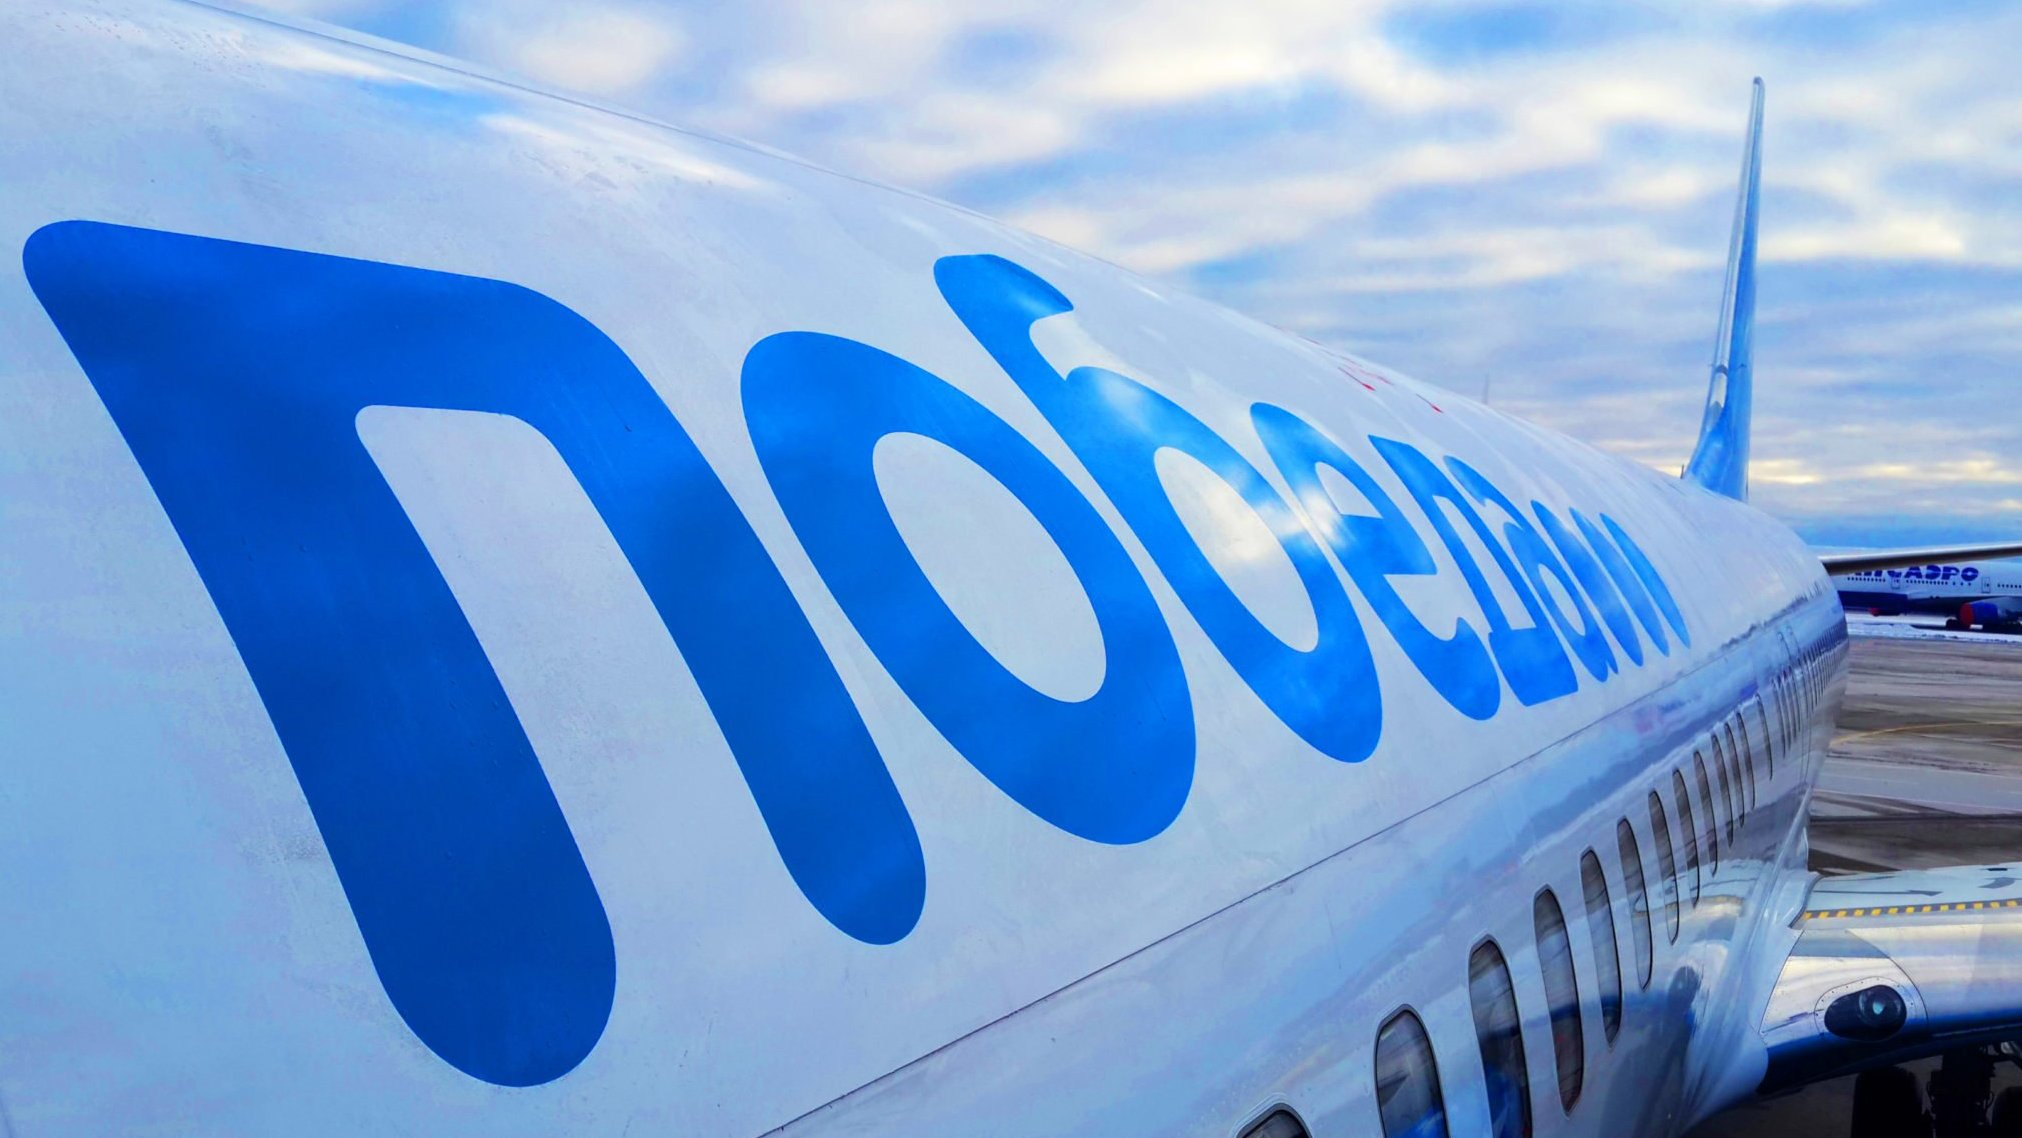 Москва (СКРИН): «Победа» на9 часов удерживает рейс Екатеринбург